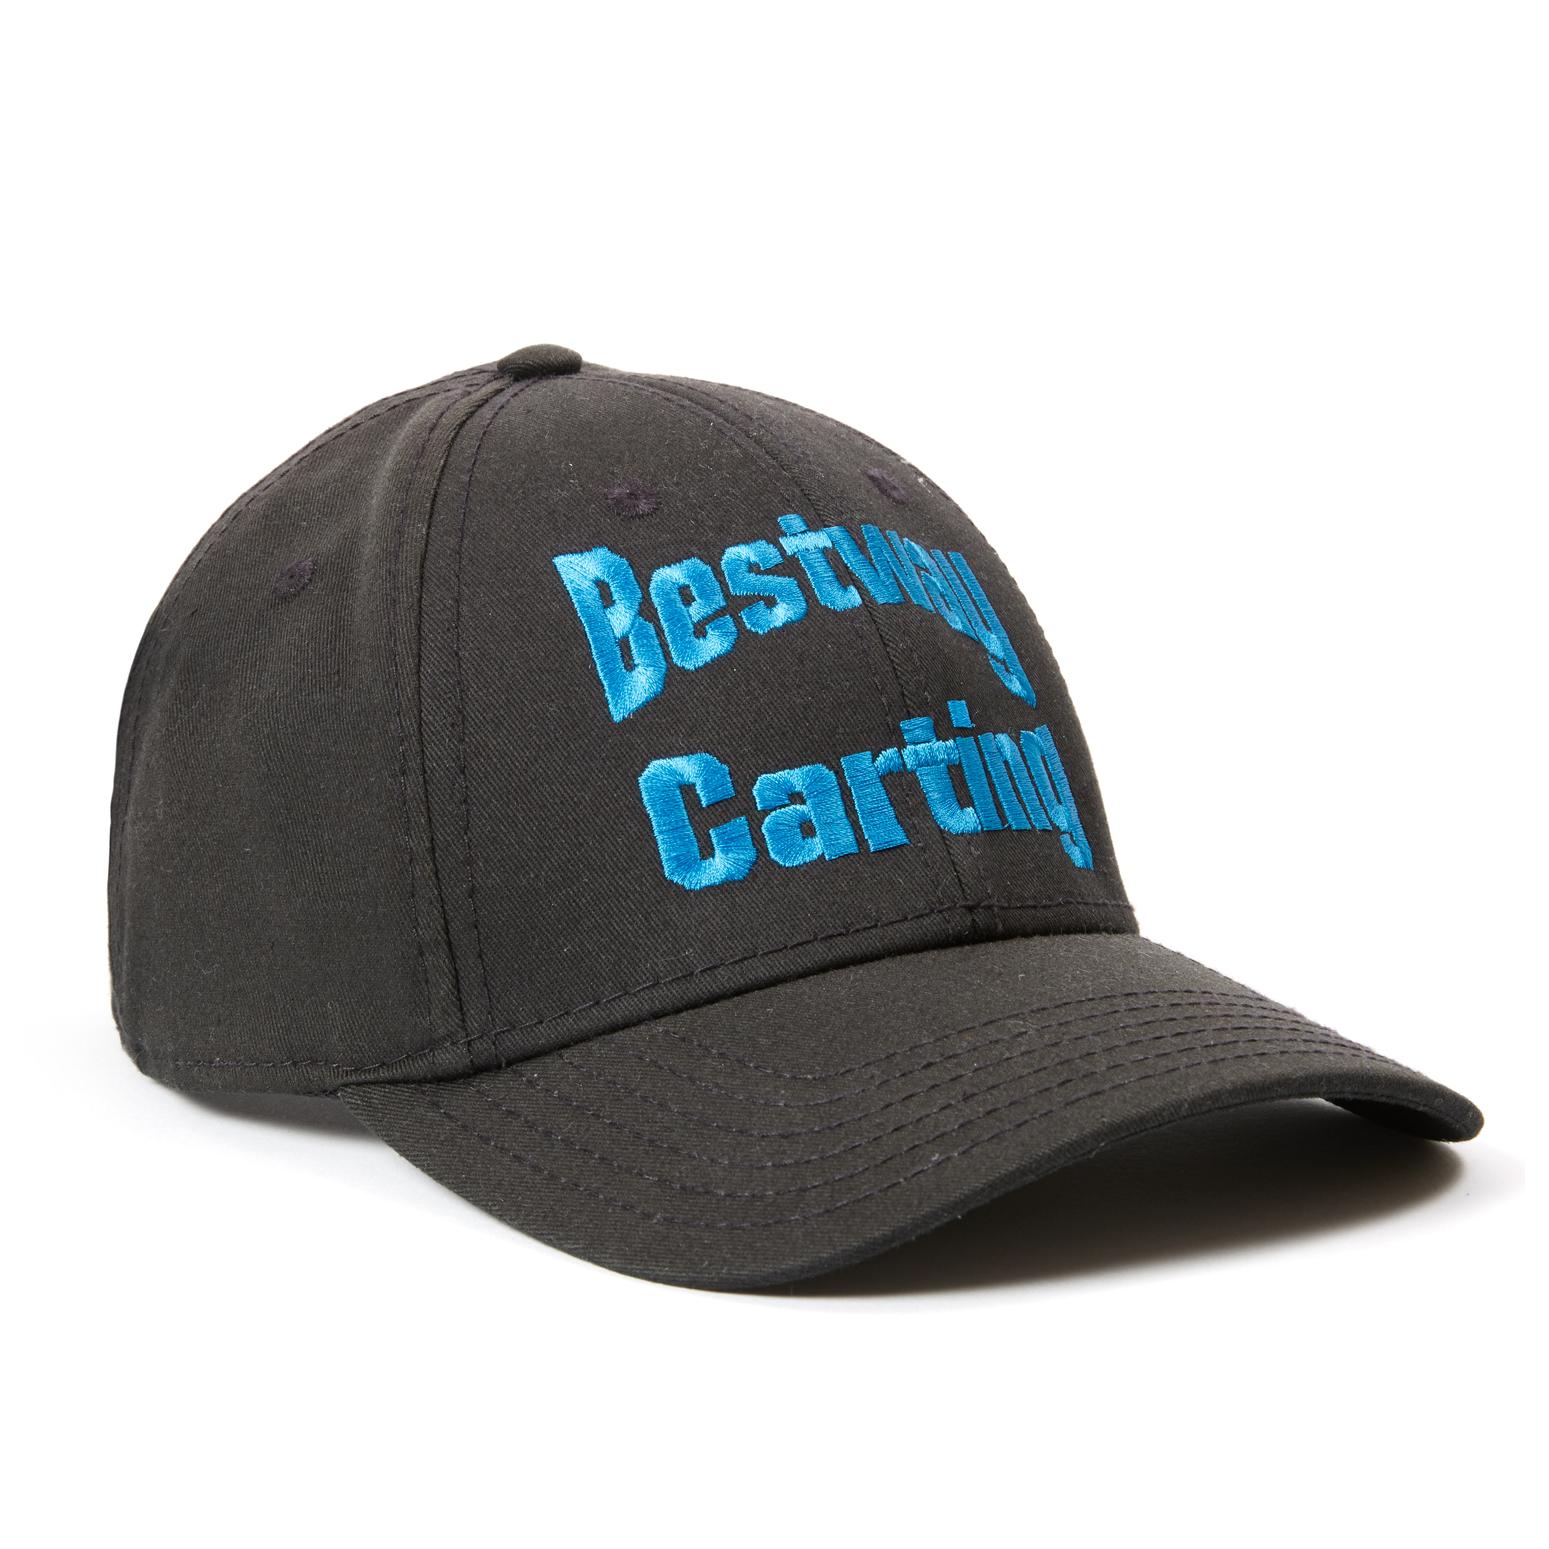 bestway-carting-hat